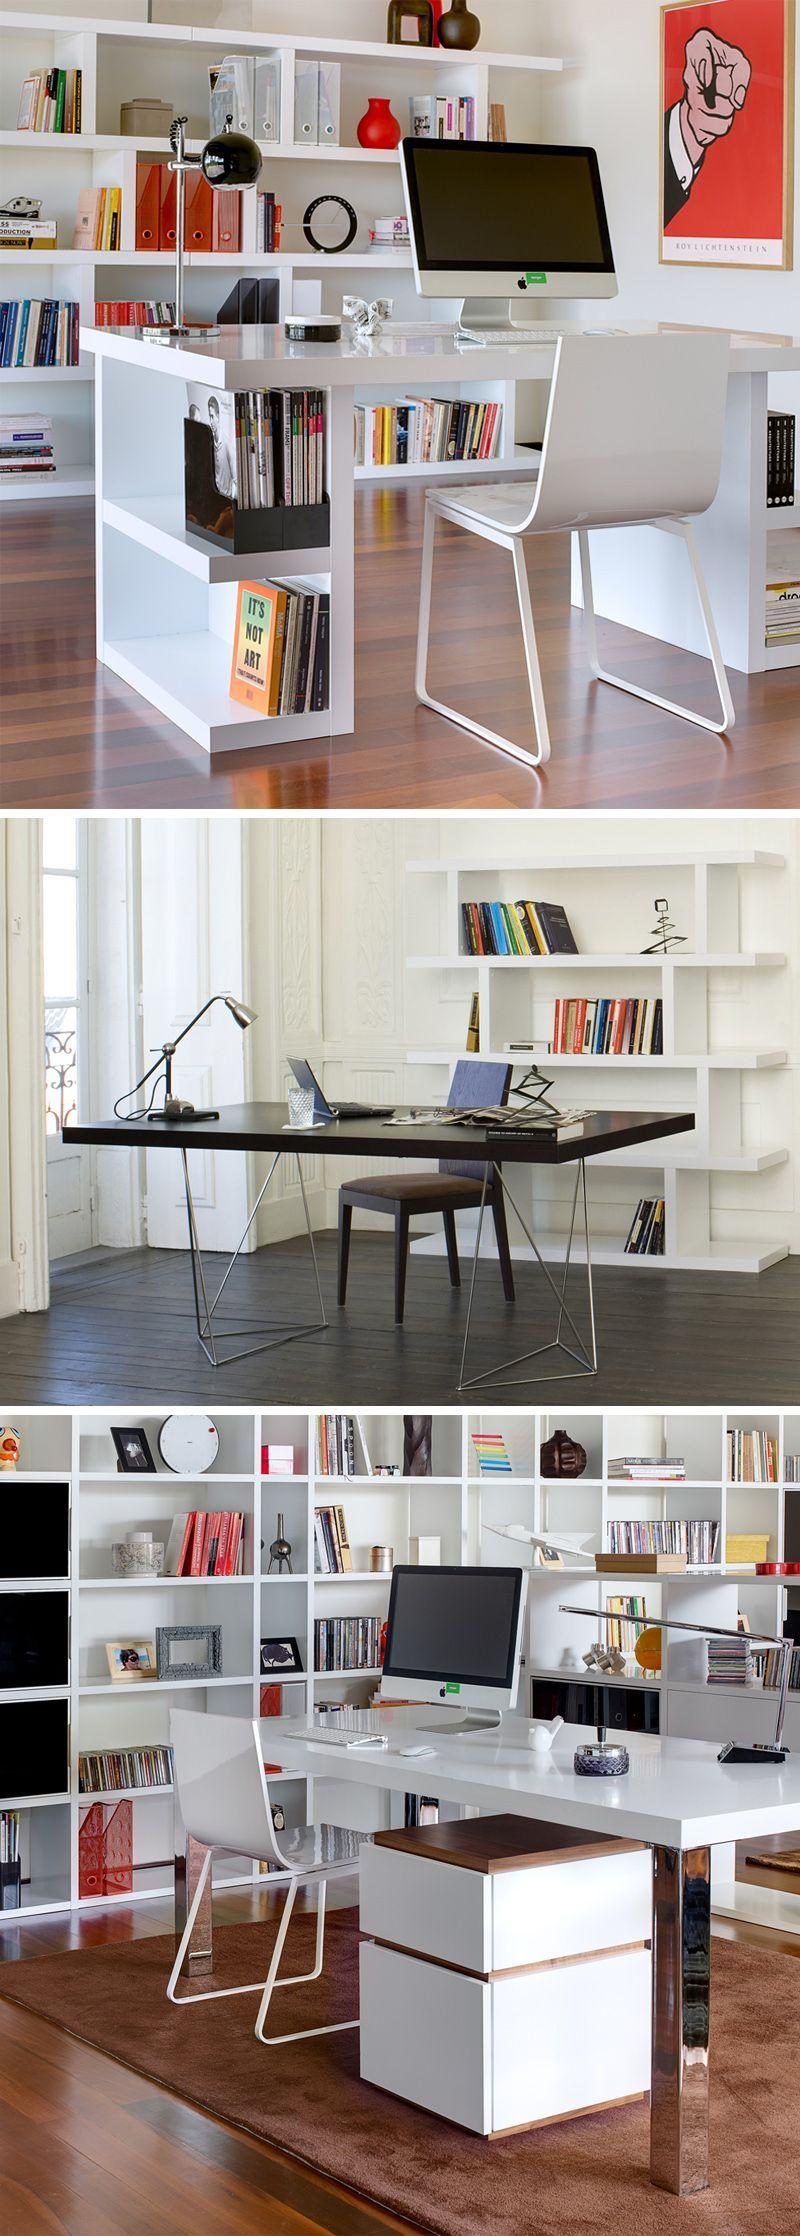 Creative ideas for home interior contemporary home office interior design home decor fun creative